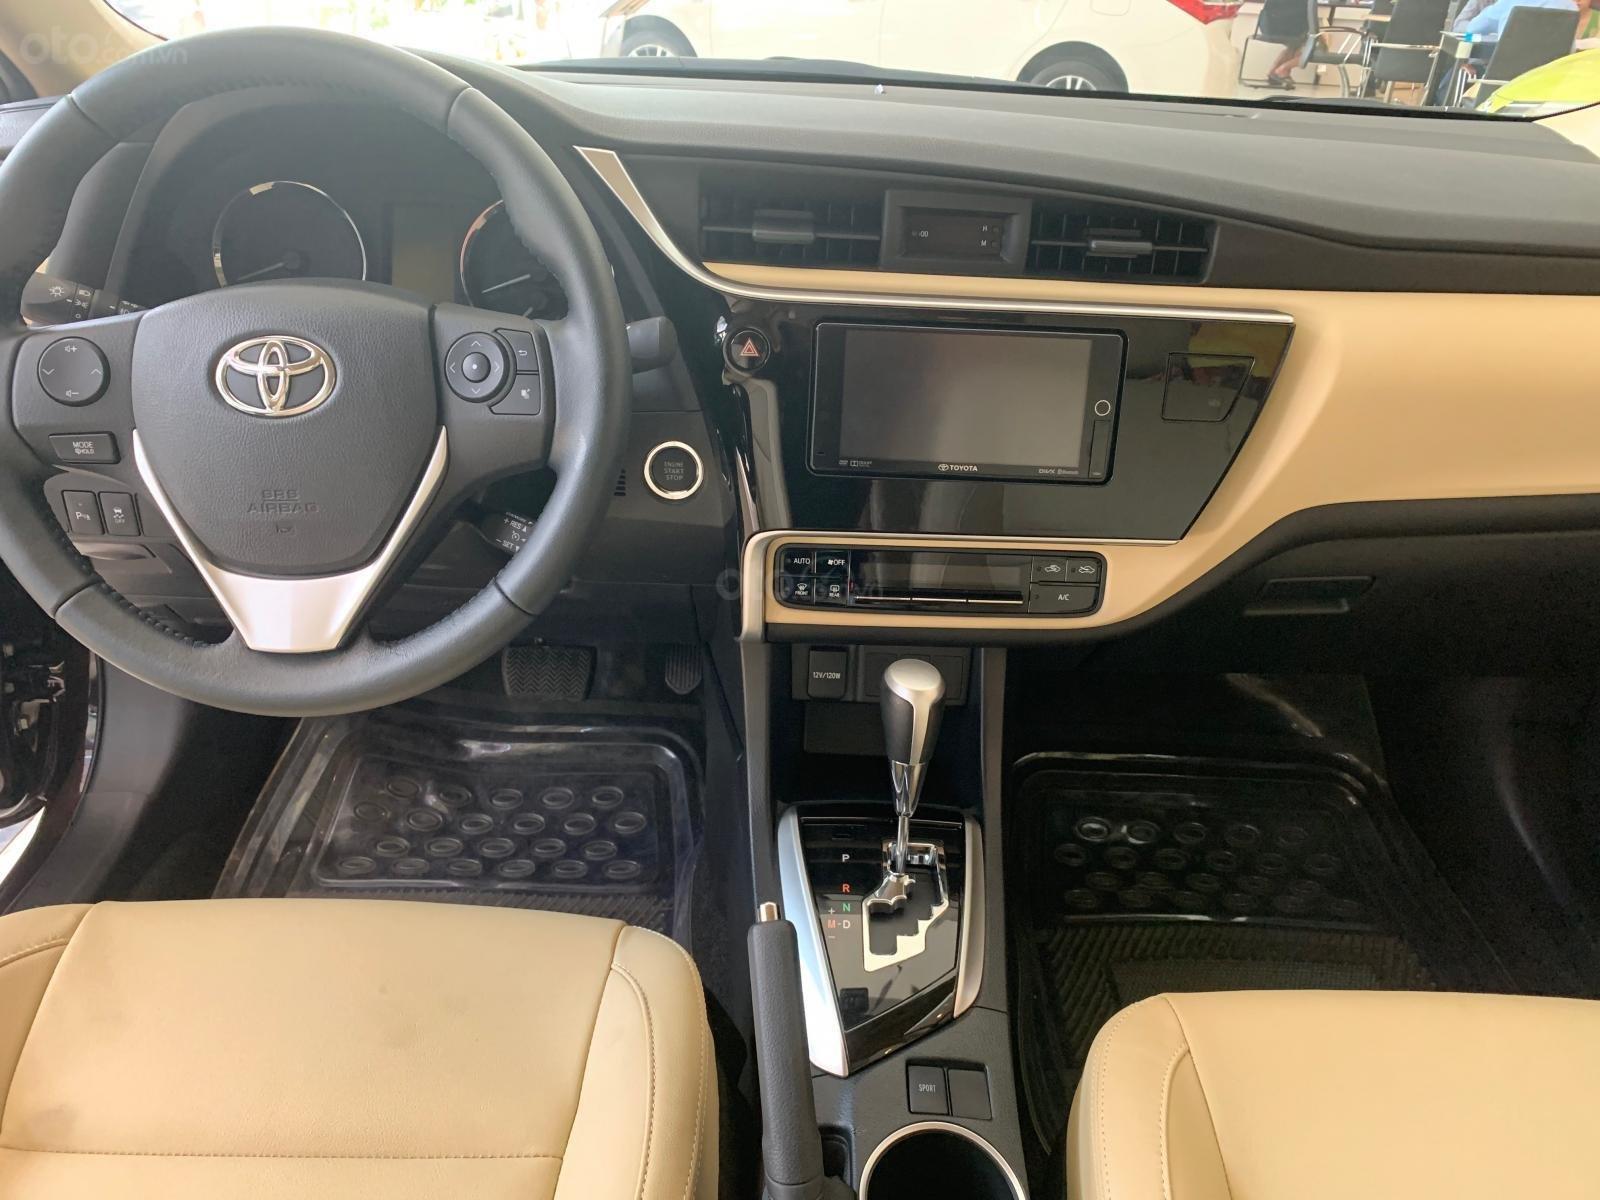 Trả trước chỉ từ 160tr nhận xe Toyota Altis 1.8G CVT sx 2019 Toyota Đông Sài Gòn - Gò Vấp, Lh 0909861184-1